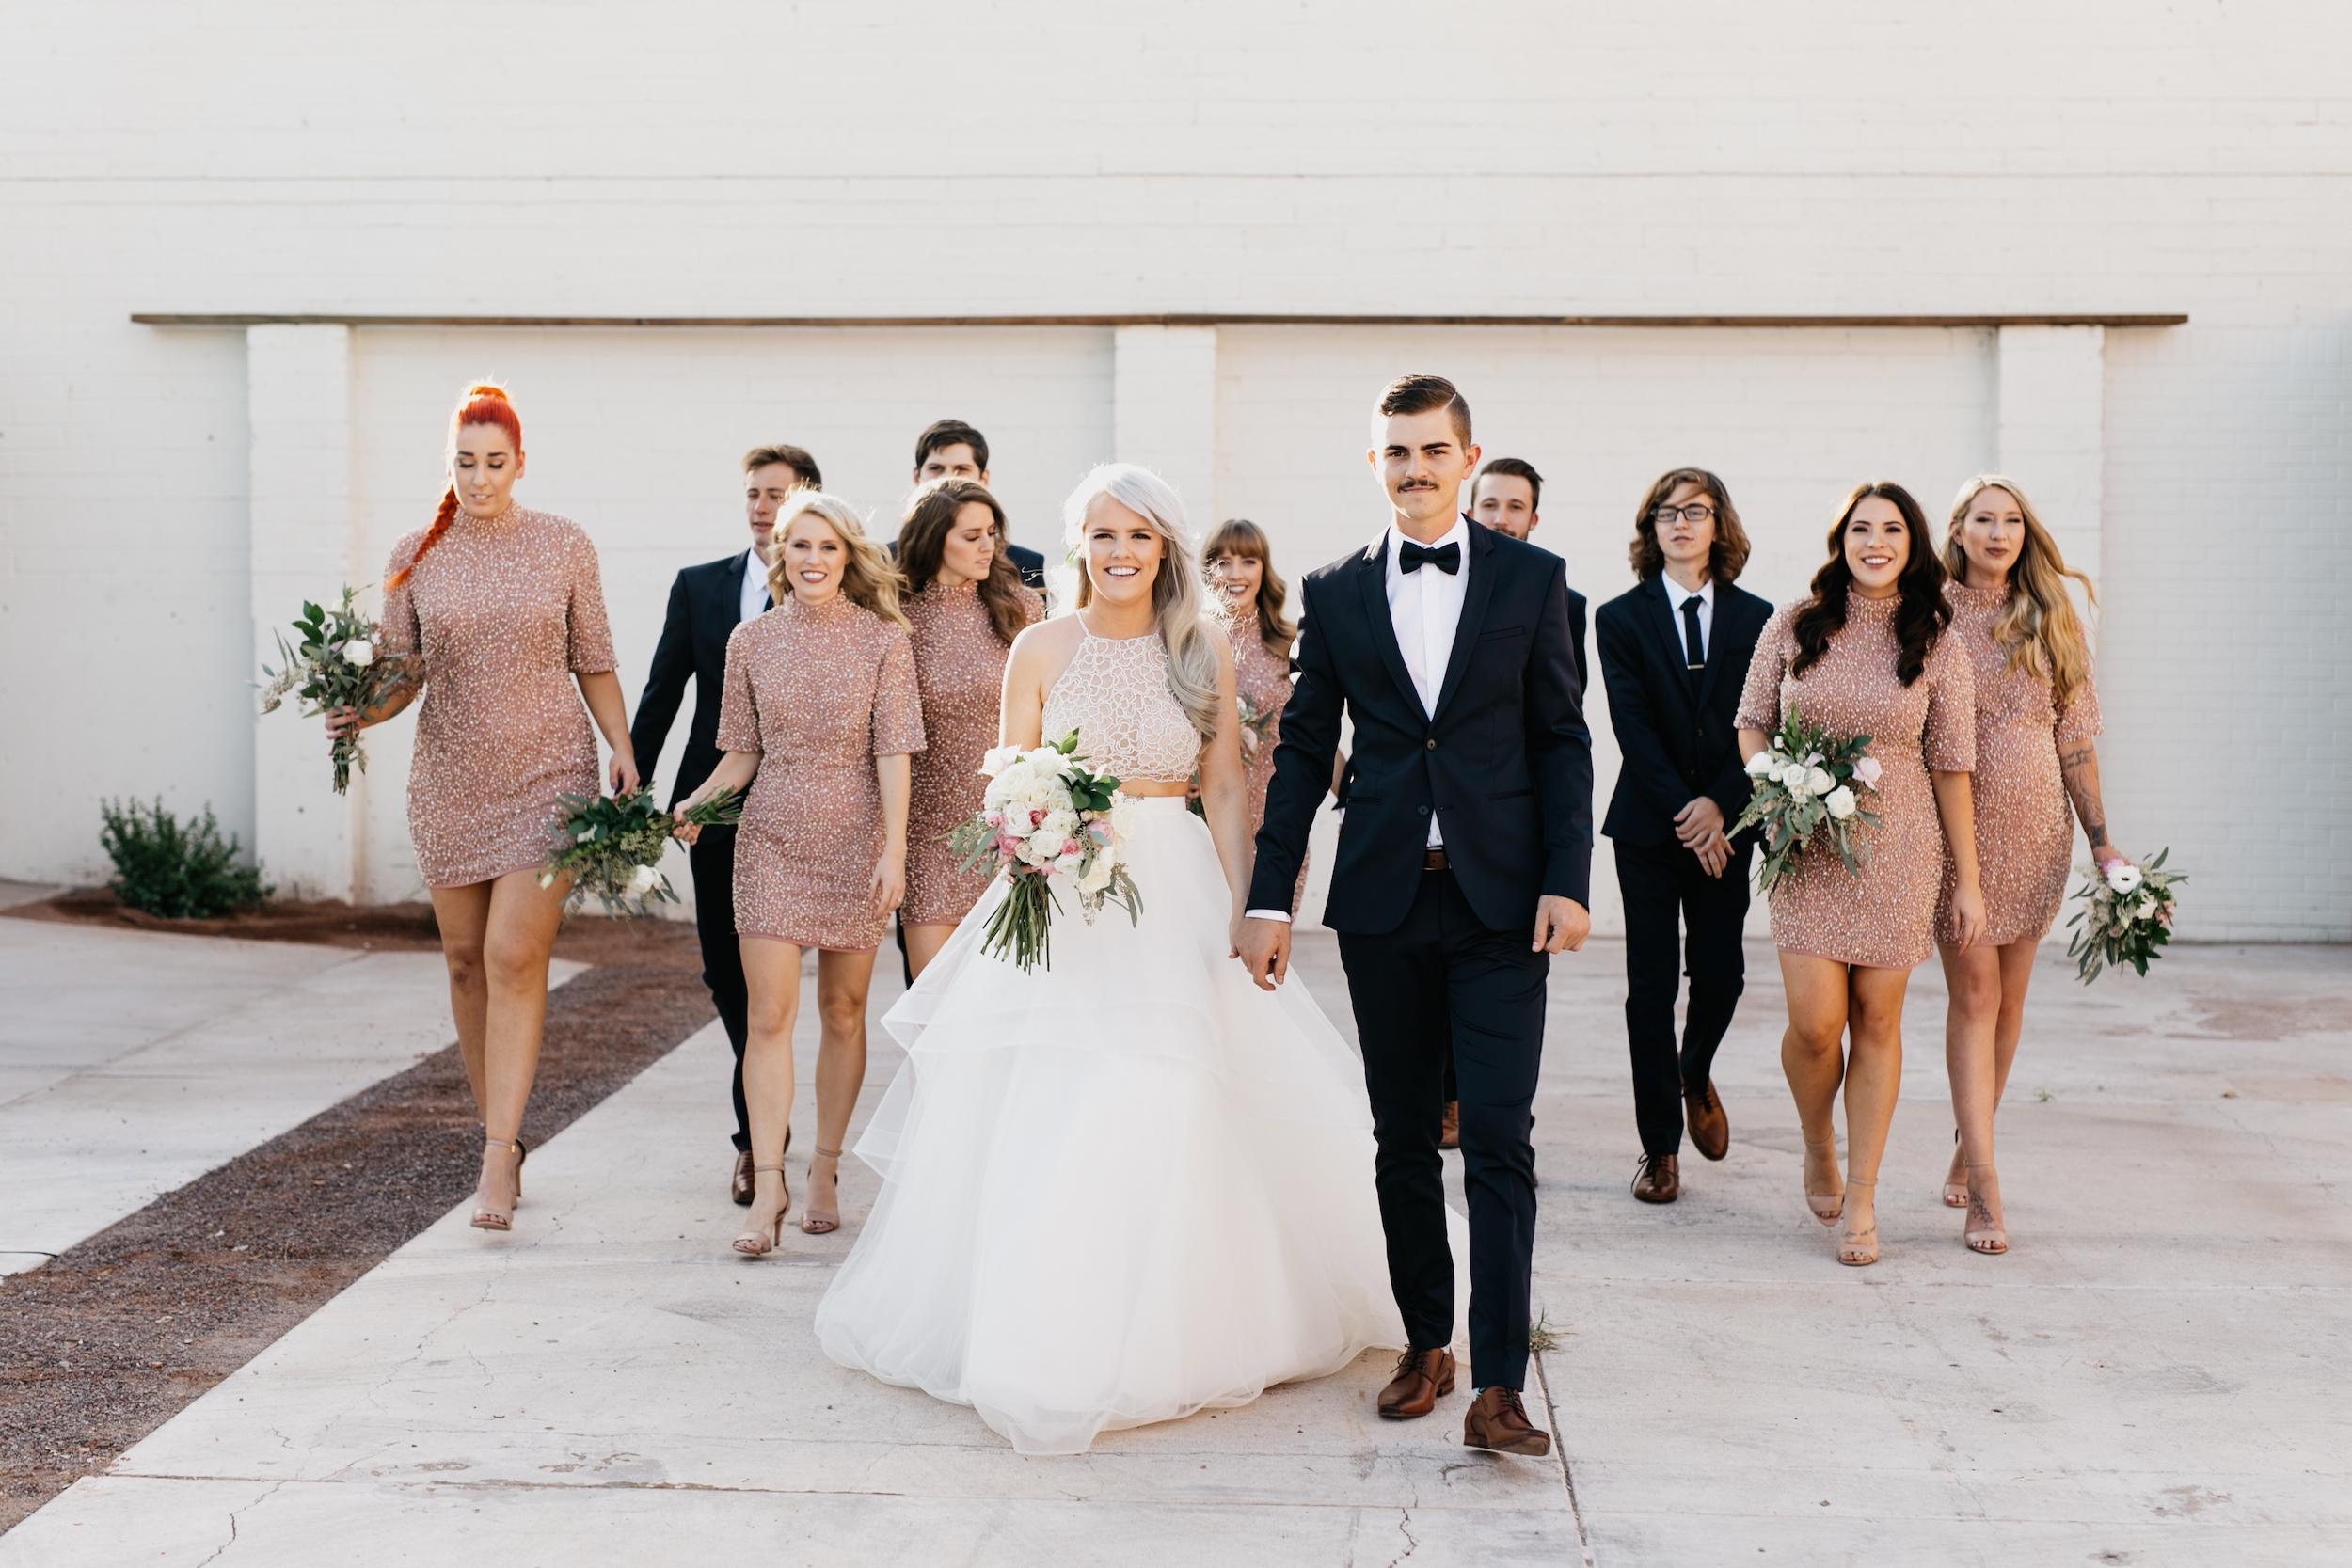 arizona - wedding - photography 01425.jpg